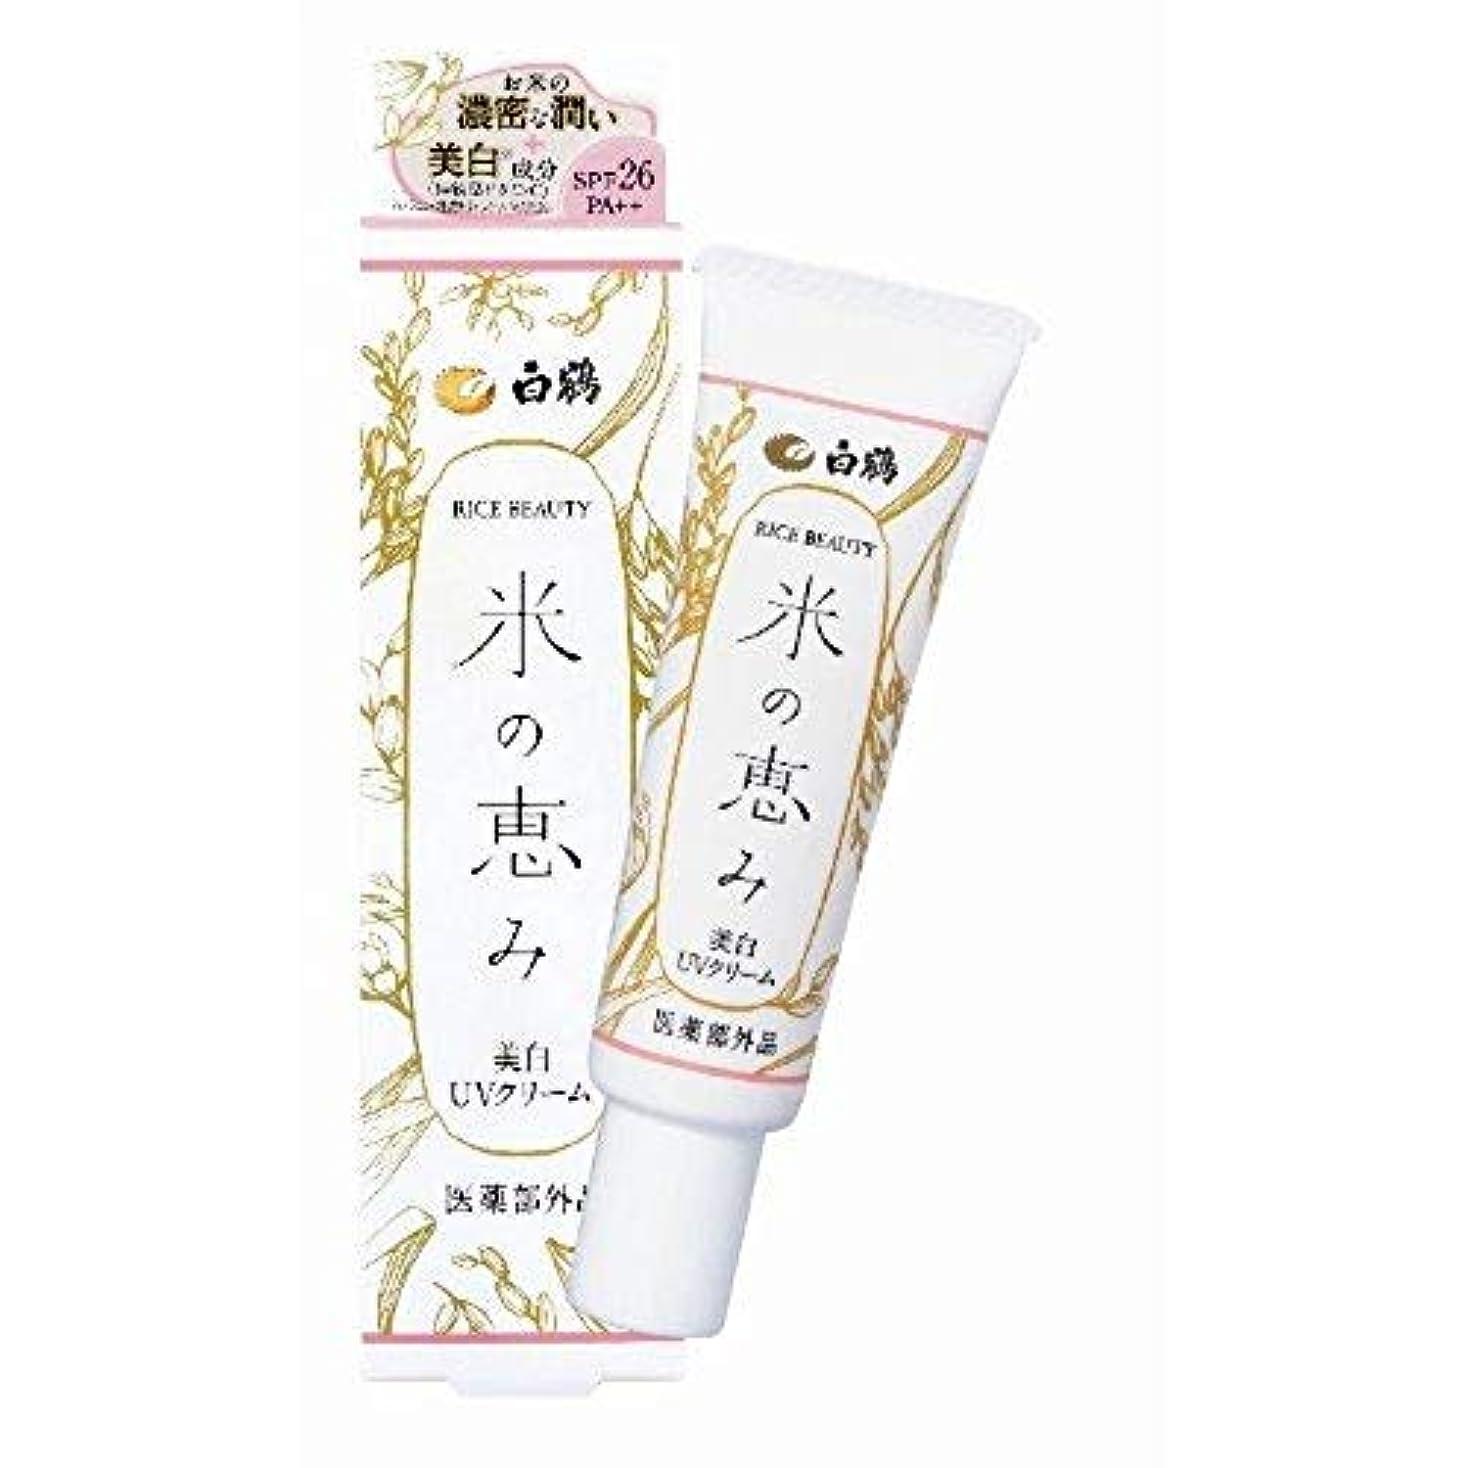 コンサルタント手当太い白鶴 ライスビューティー 米の恵み 美白UVクリーム 30g SPF26/PA++ (日焼け止め/医薬部外品)